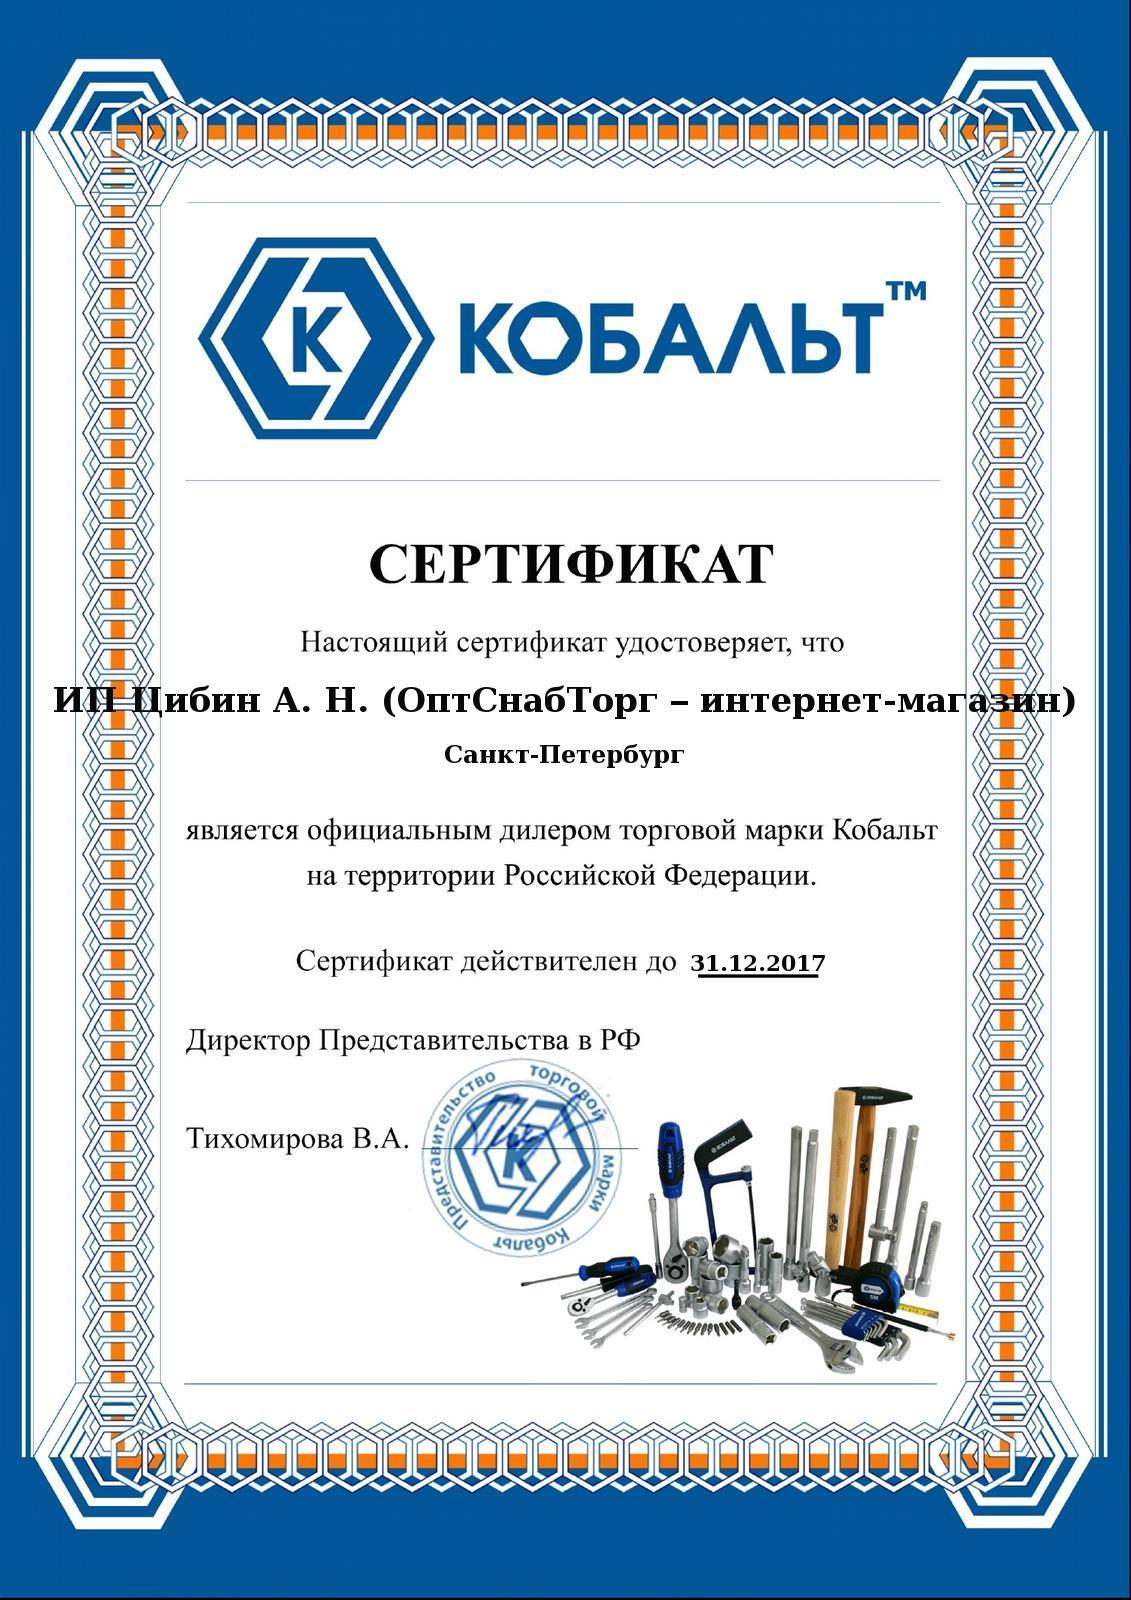 ОптСнабТорг является официальным дилером торговой марки КОБАЛЬТ на территории Российской федерации